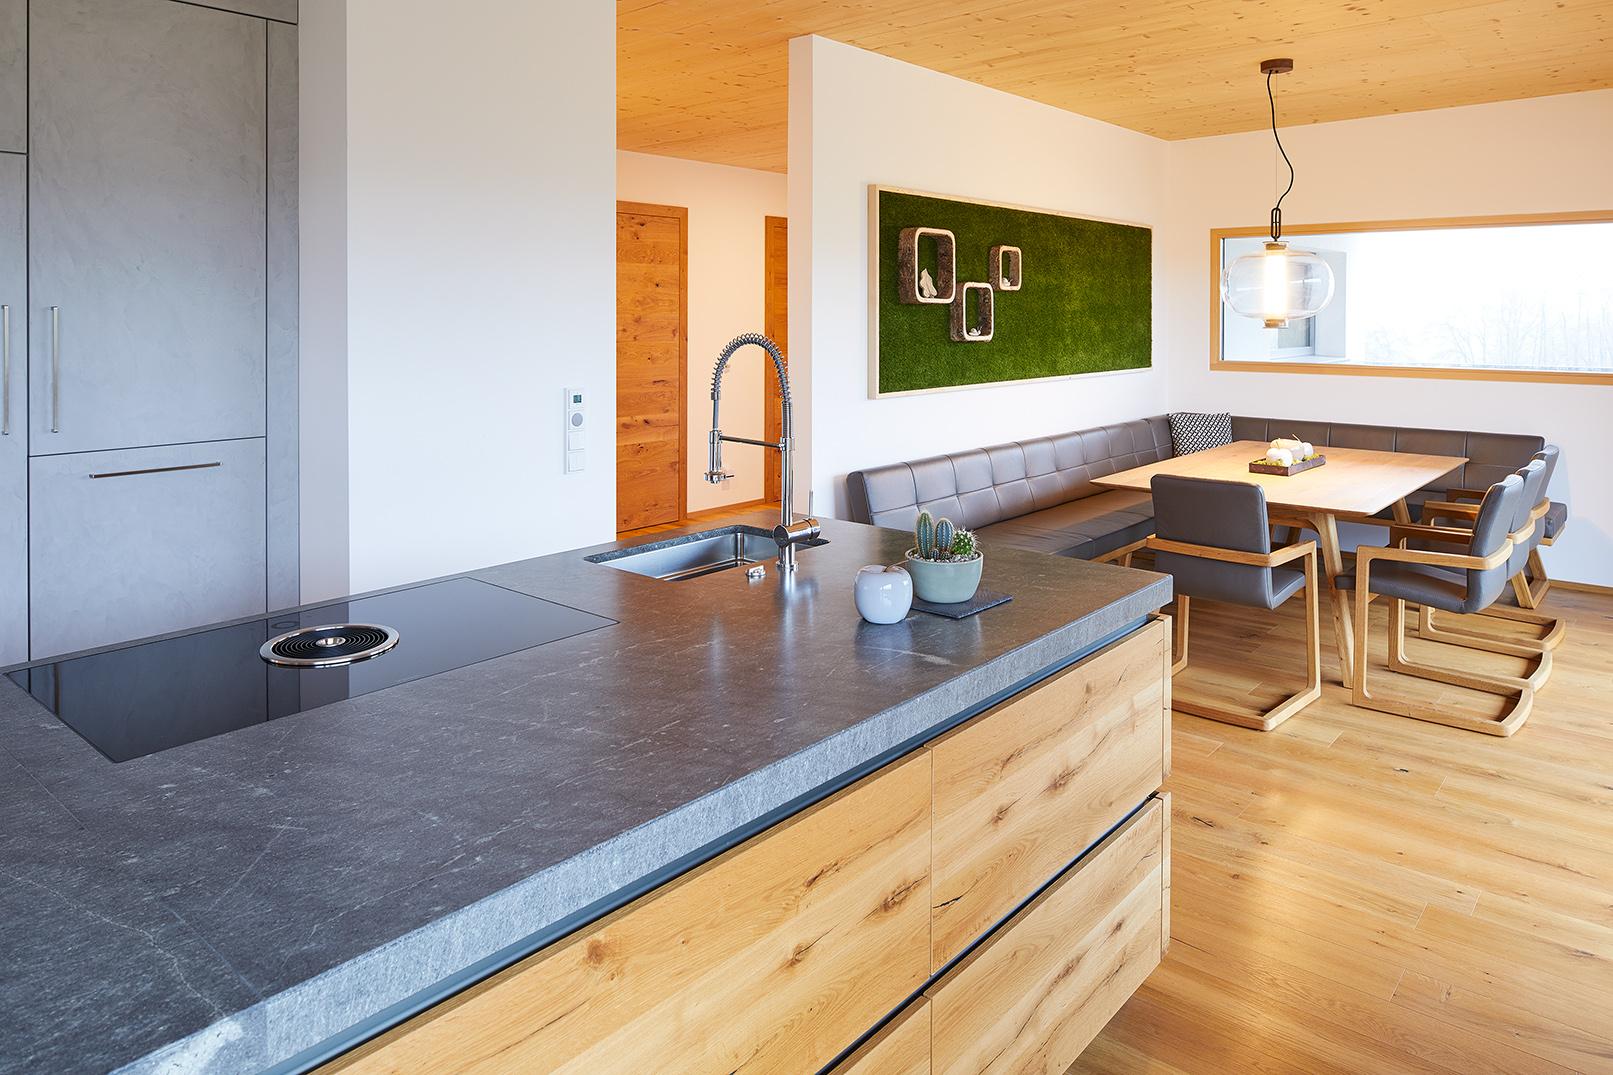 Full Size of Günstige Küche Planen Ikea Küche Planen Termin Küche Planen Und Kaufen Dachschräge Küche Planen Küche Küche Planen